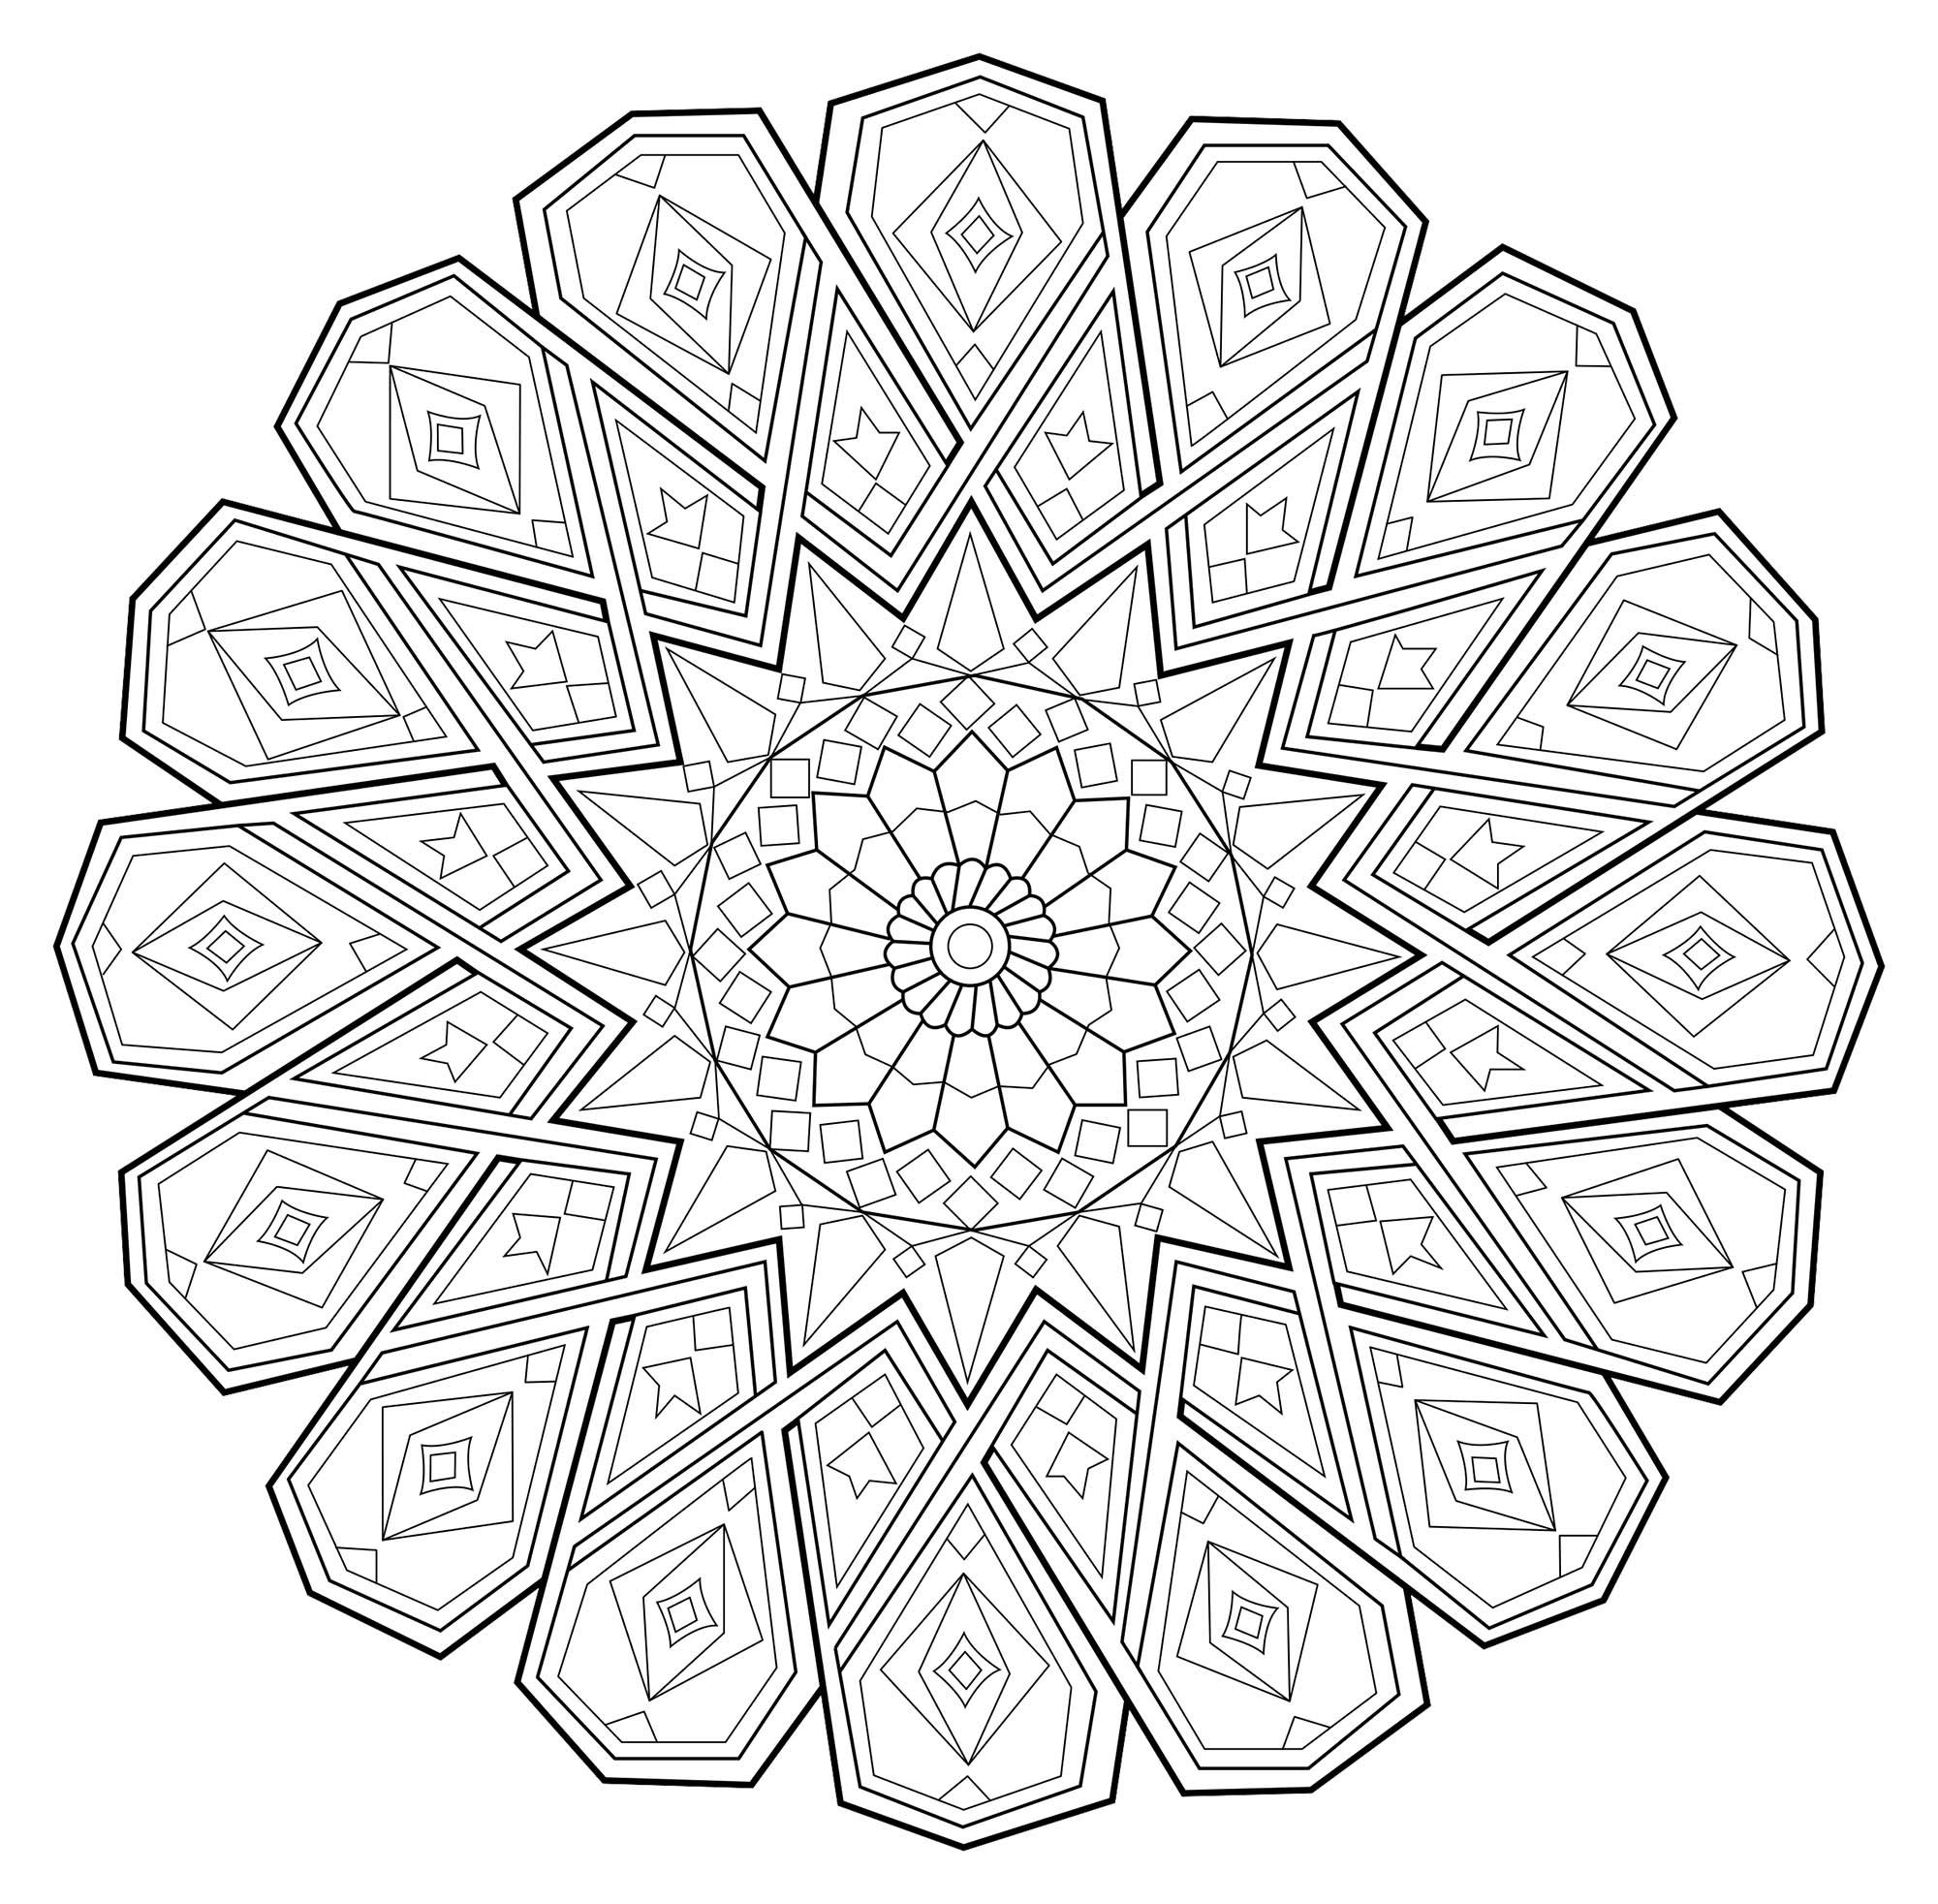 Coloriage Mandala Couleur.Mandala Abstrait Aux Traits Fins Mandalas Zen Anti Stress 100